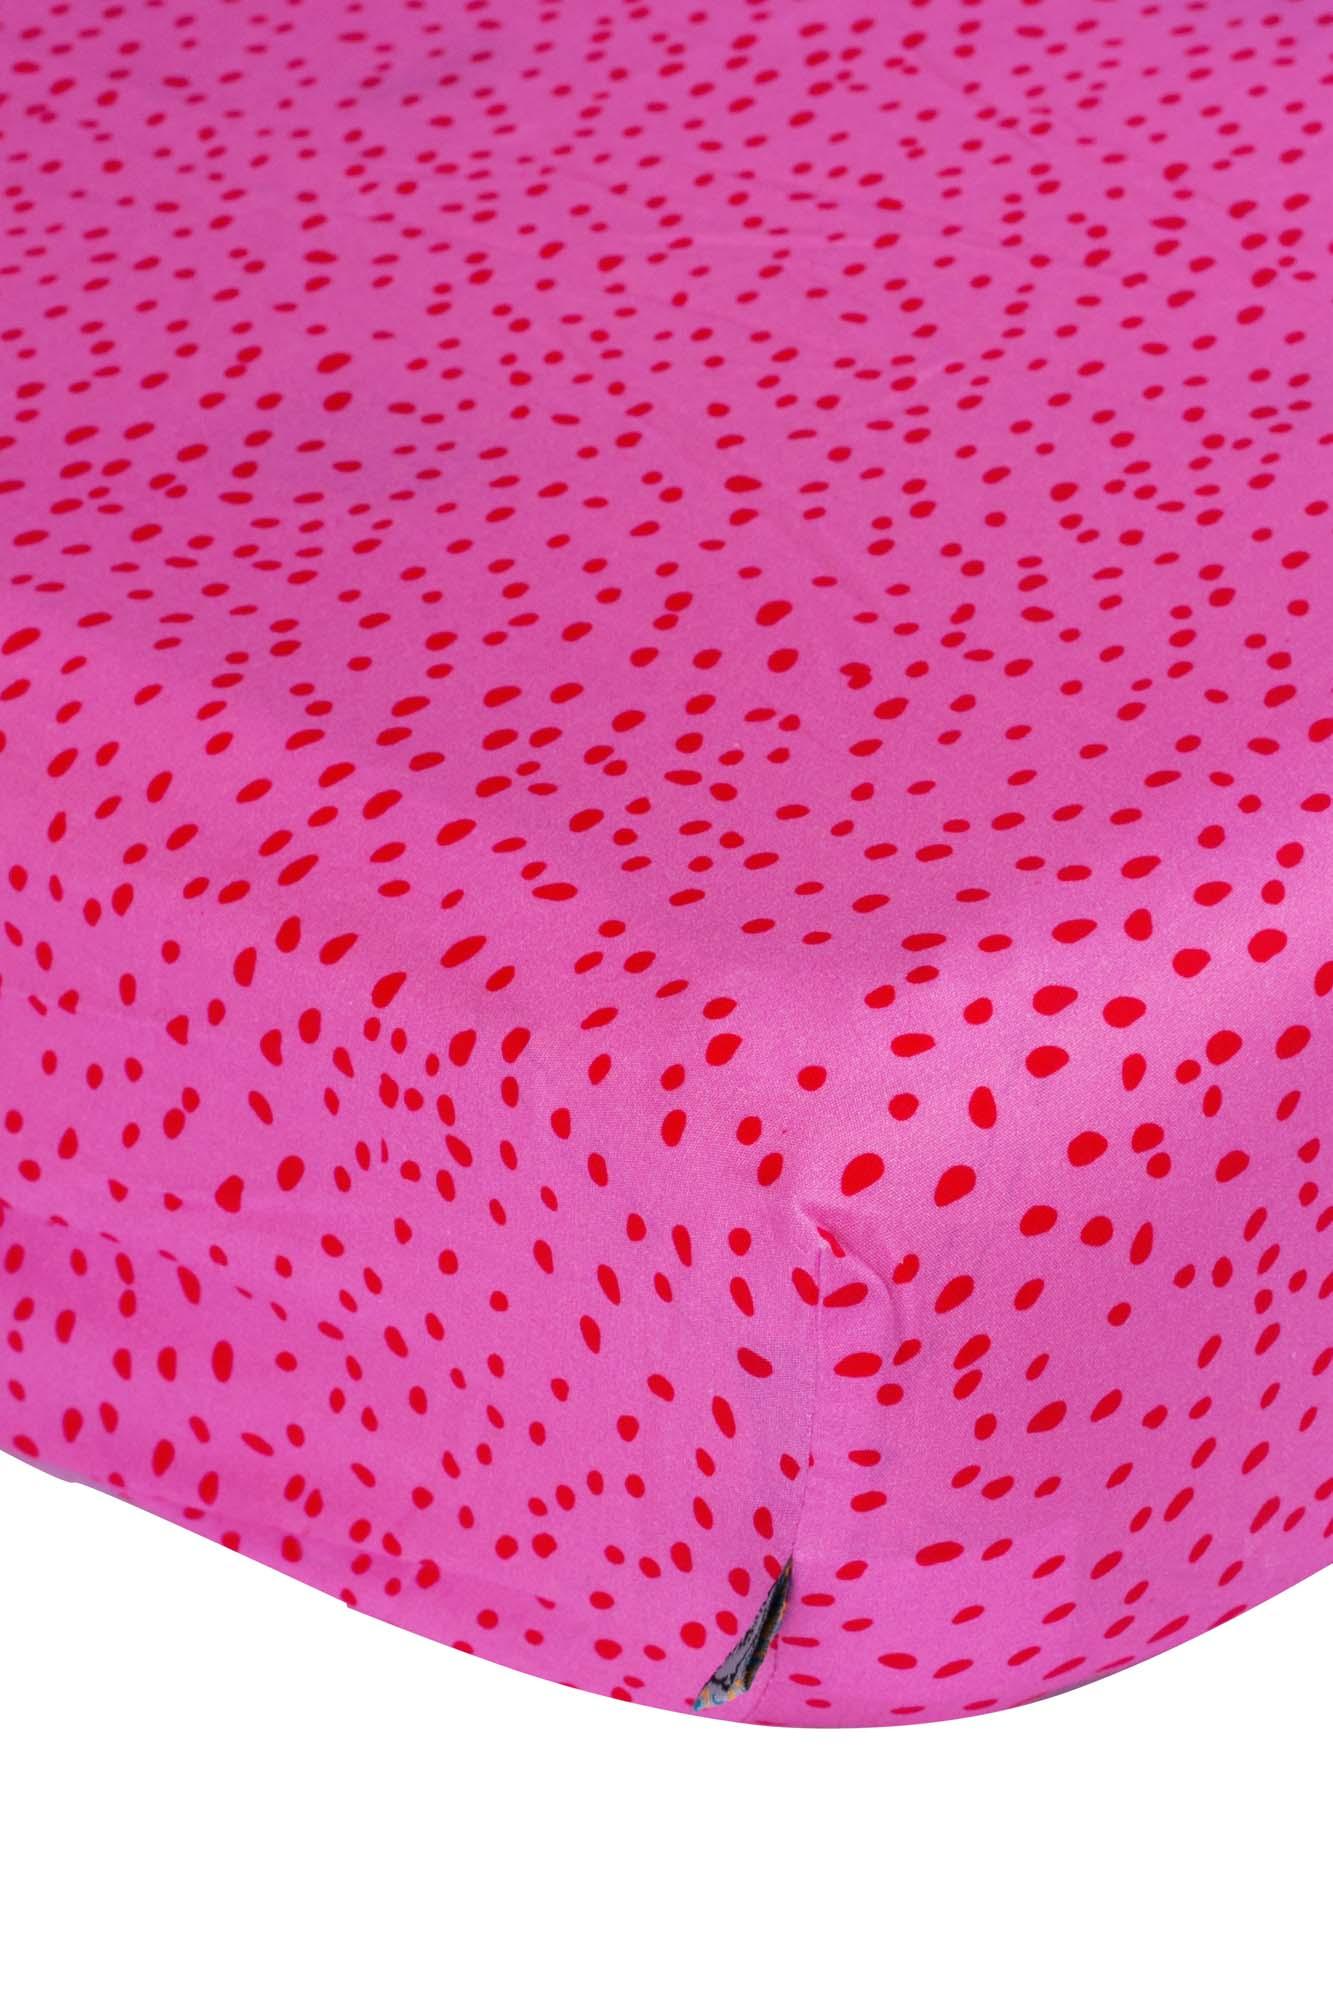 Lençol de elástico solteiro Flocos Rosa